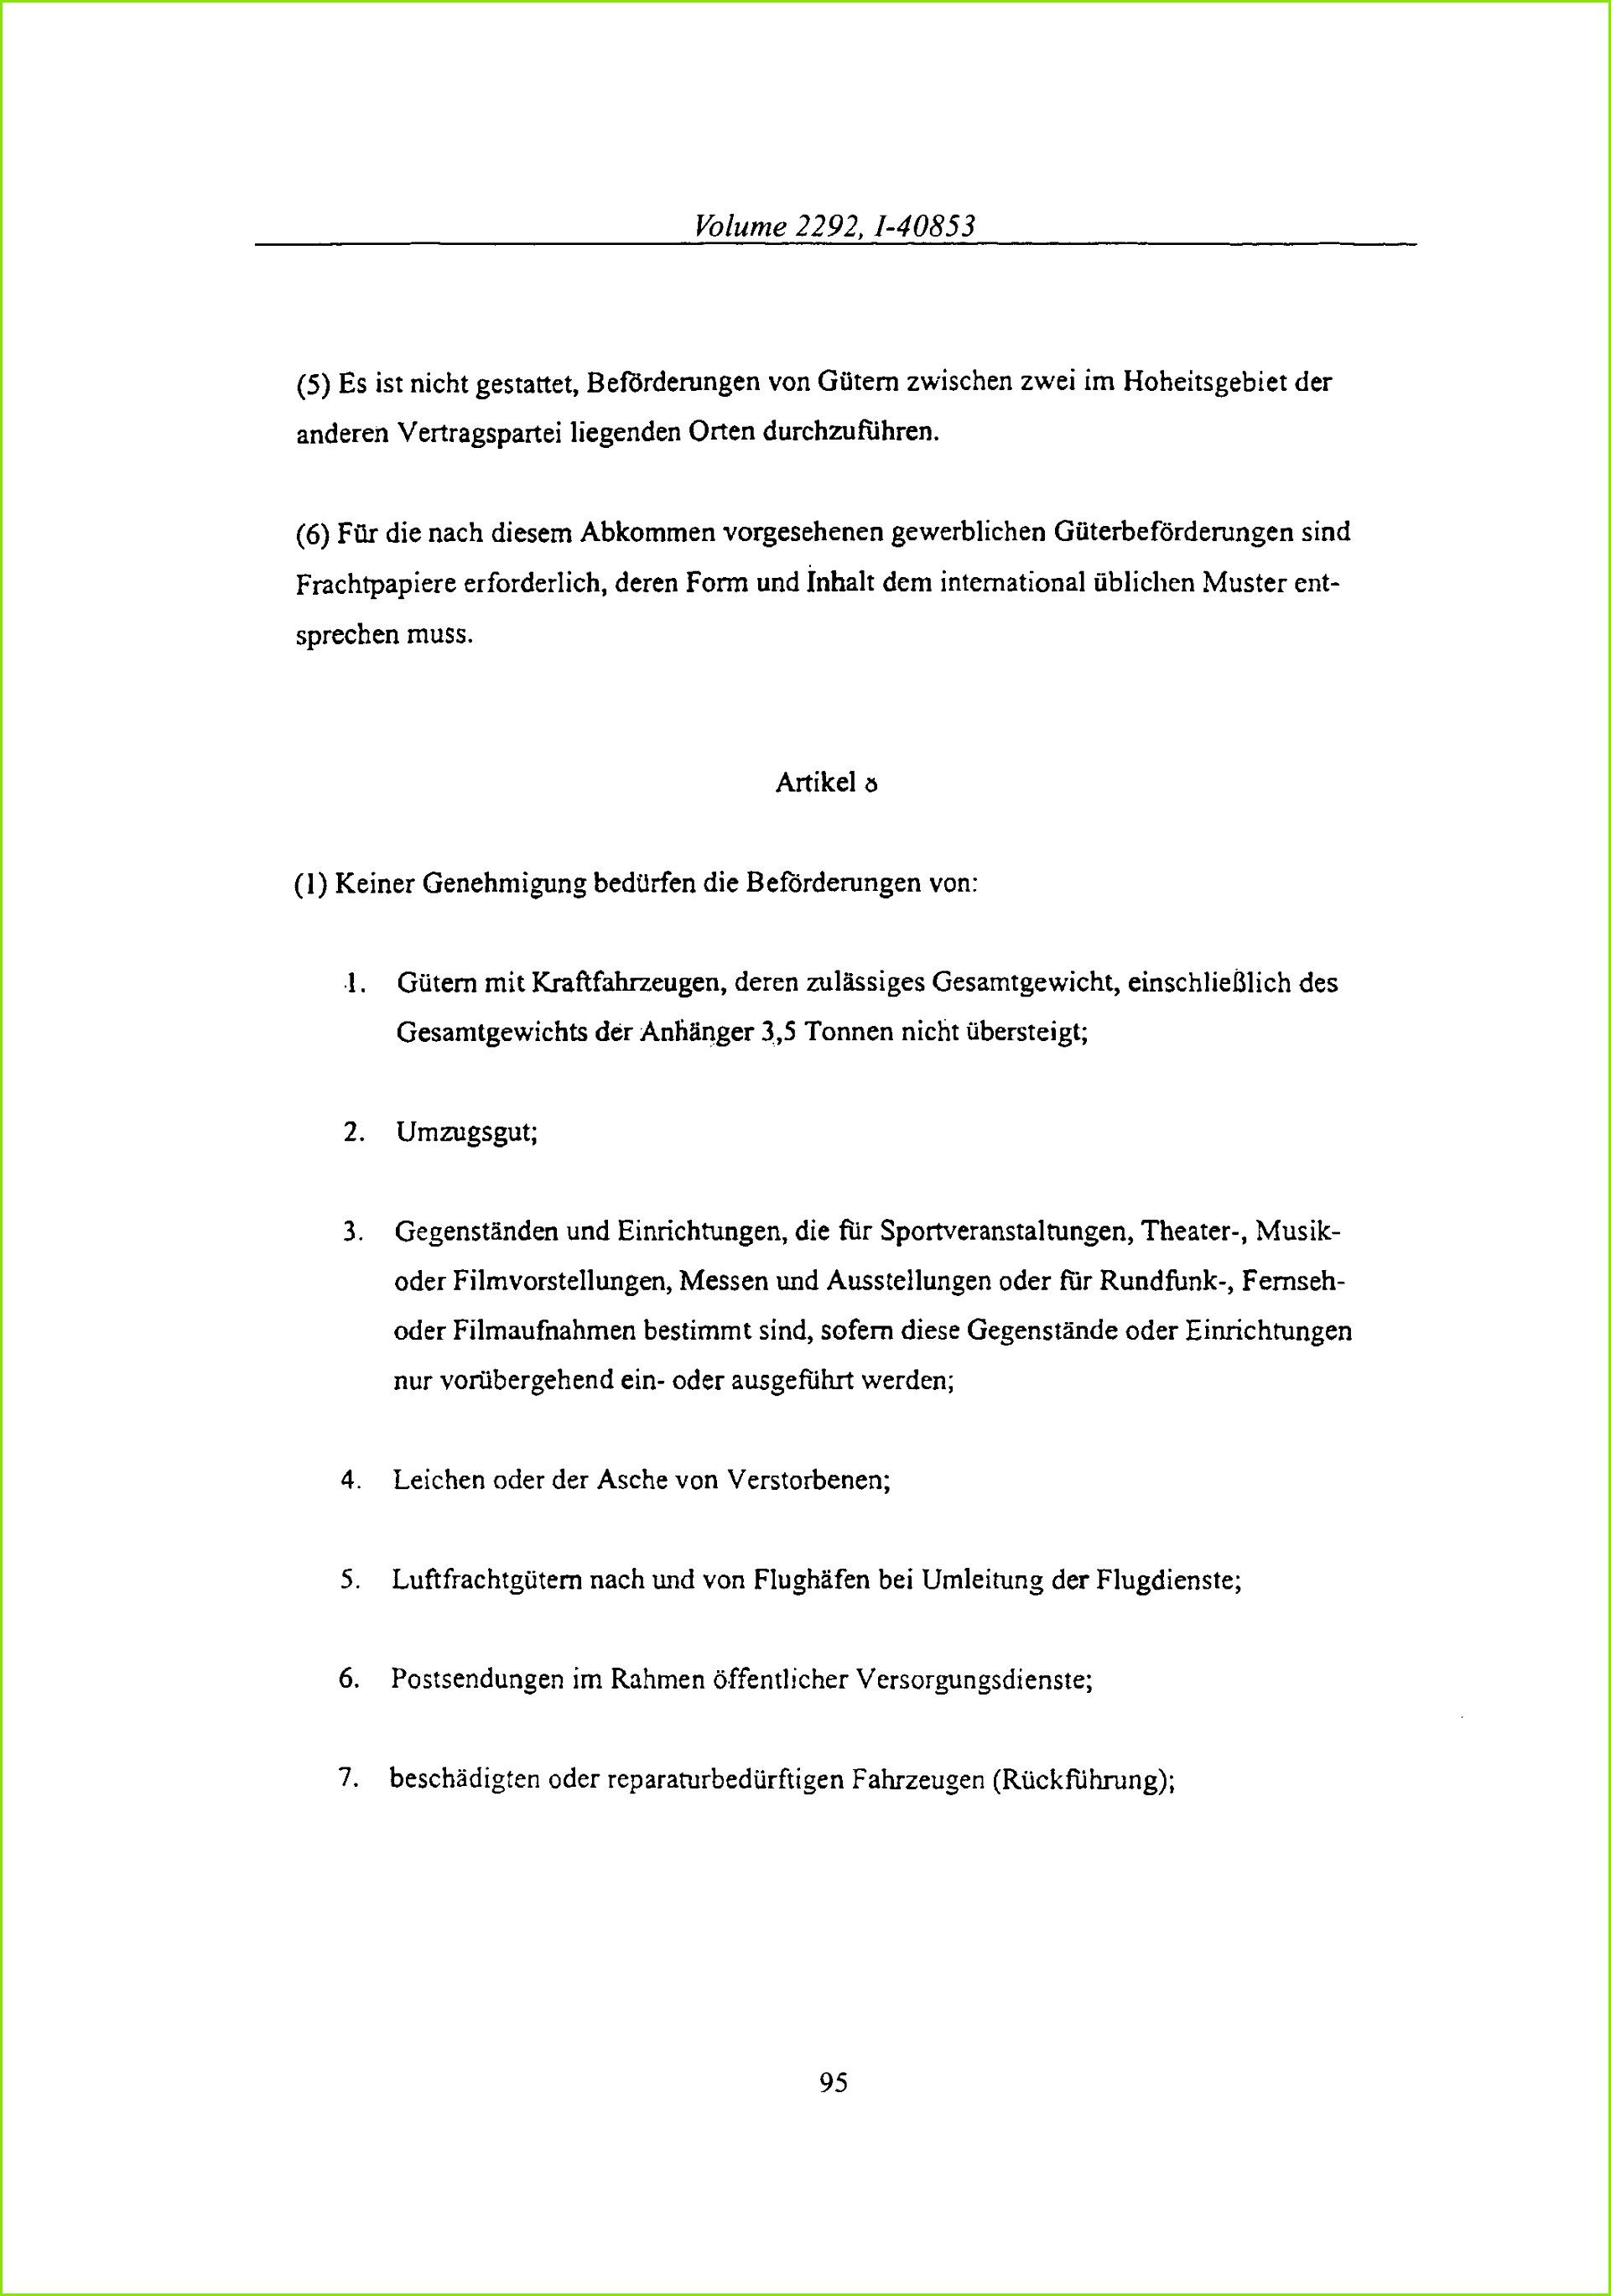 Volume 2292 1 5 Es ist nicht gestattet Befdrderungen von